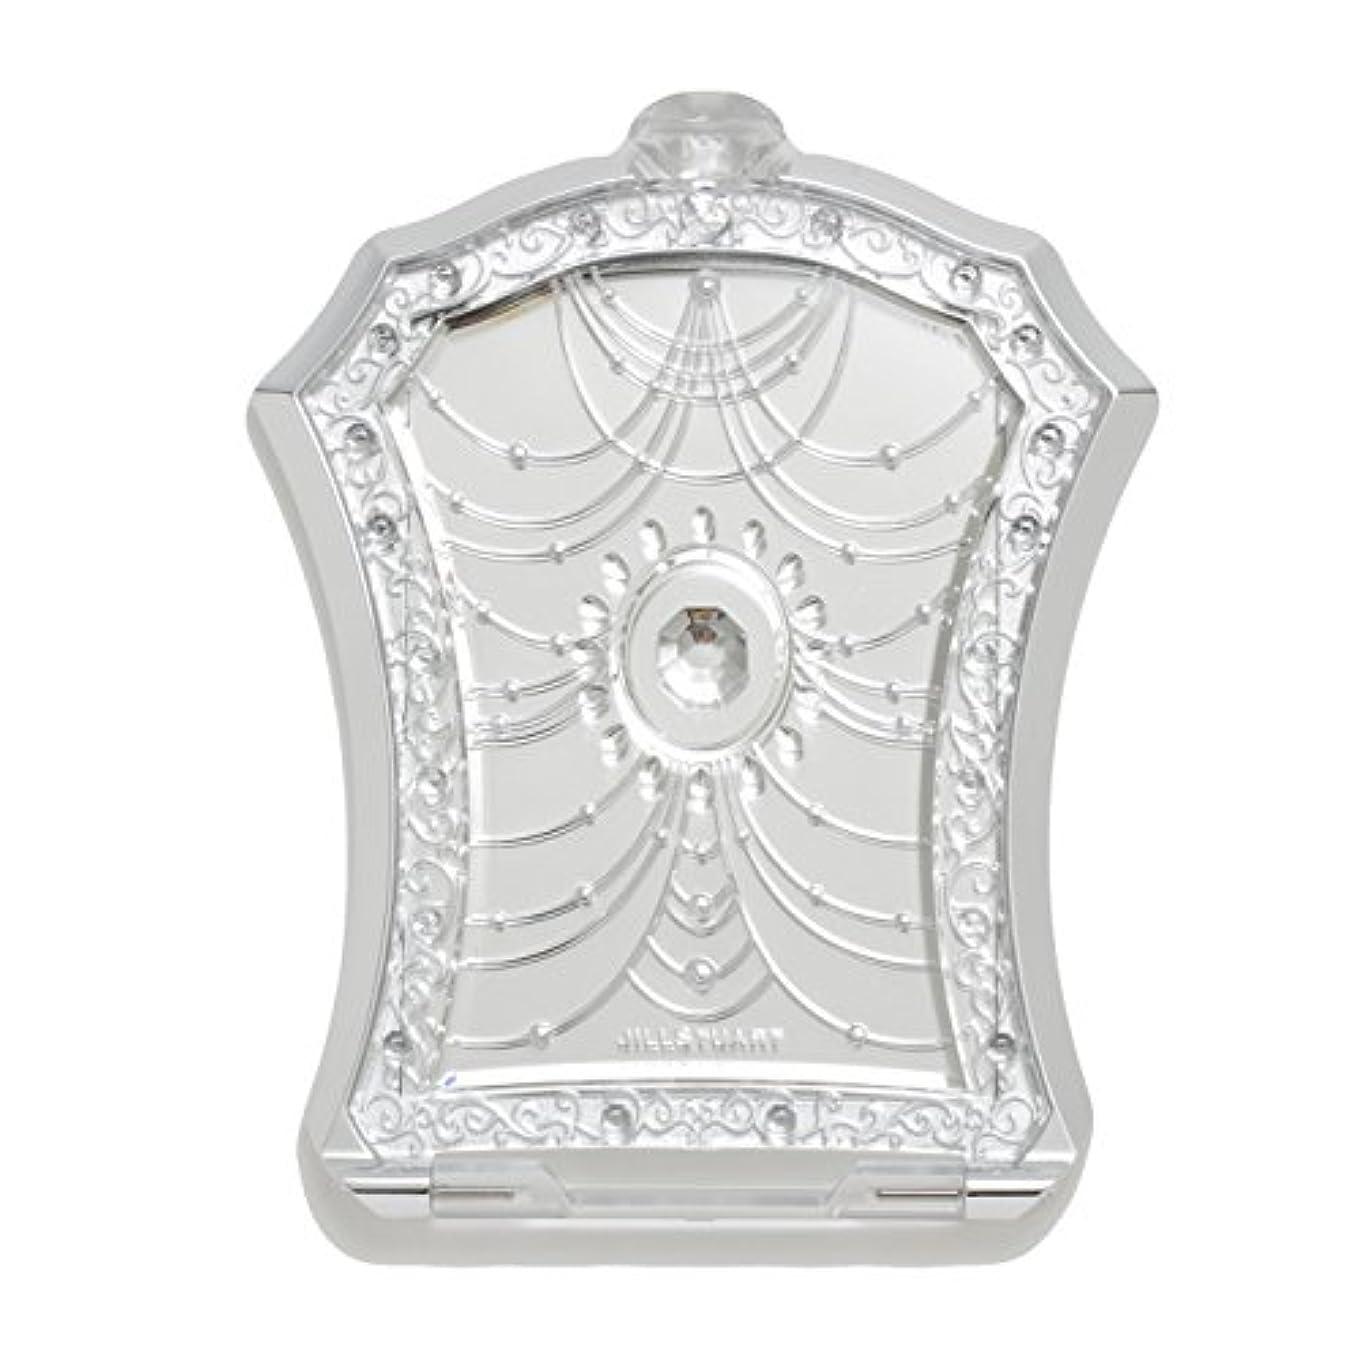 回転傷跡ジレンマ【名入れ対応可】ジルスチュアート JILL STUART ミラー 鏡 手鏡 Beauty Compact Mirror スクエア 四角 コンパクト ミラー 20743